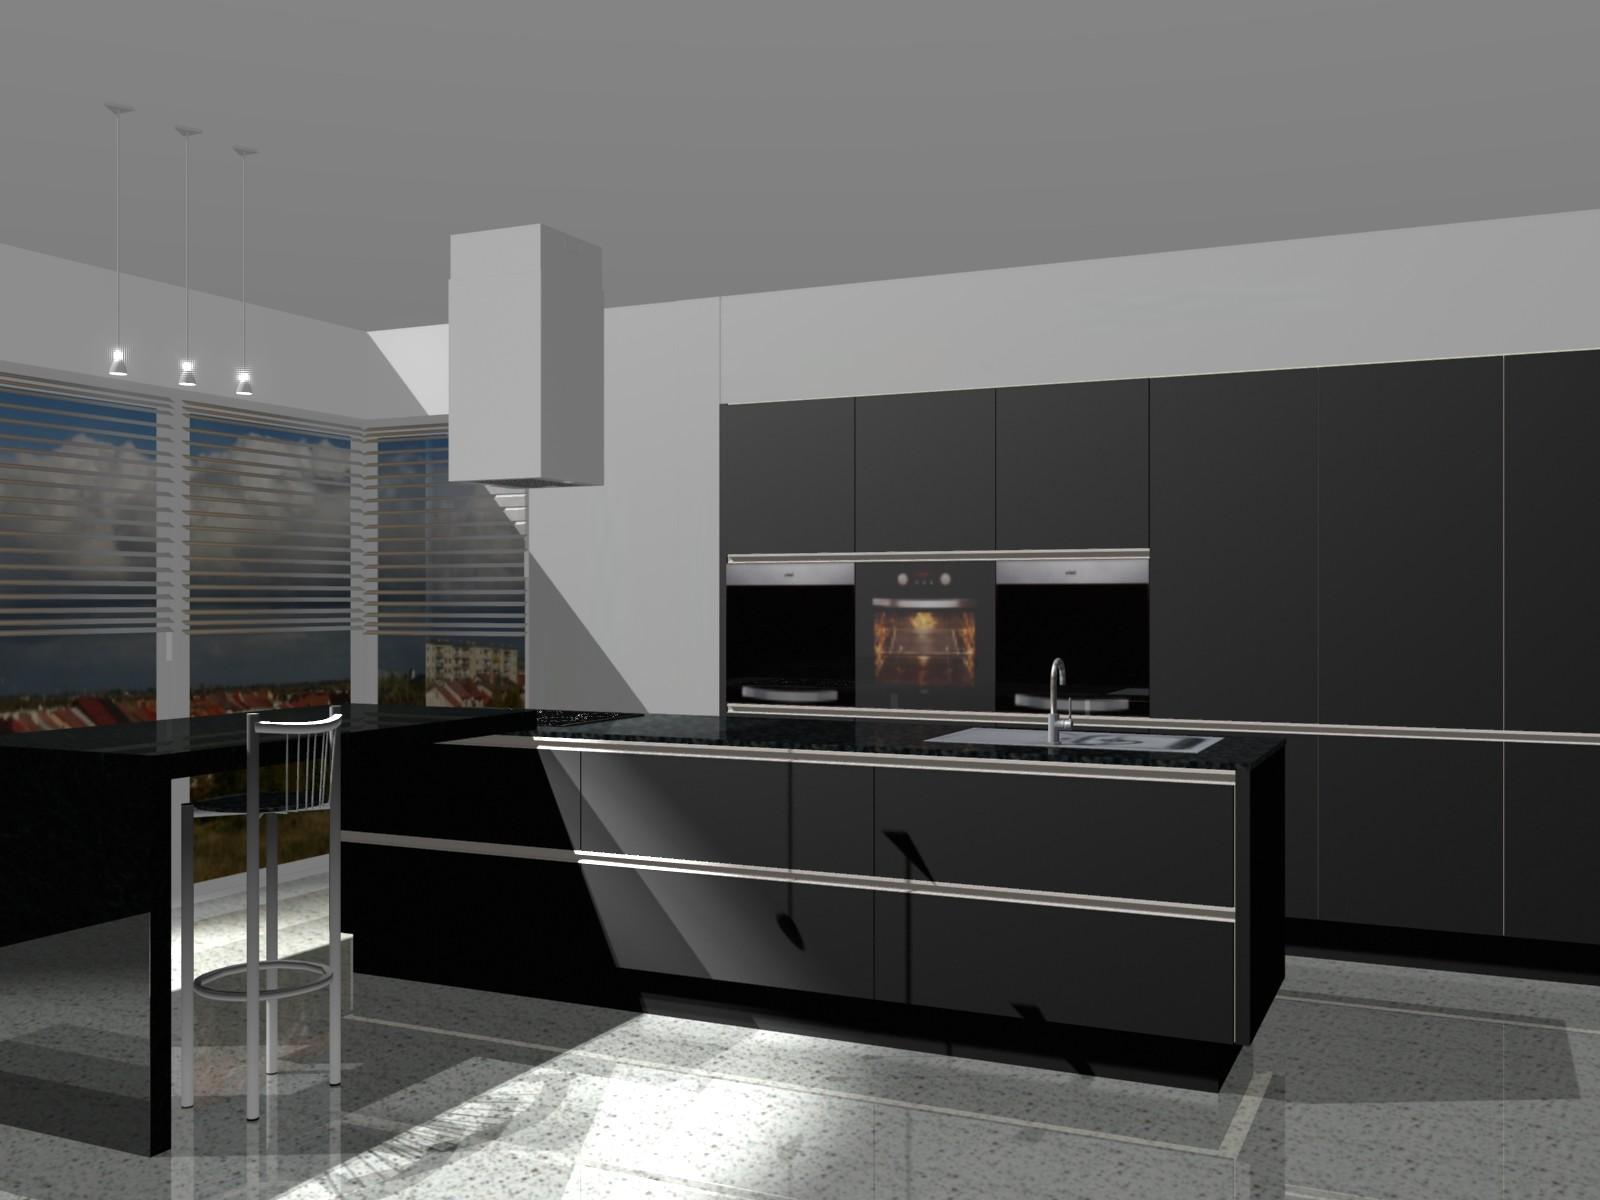 kuchnia w salonie czarna  Projekty i aranżacje wnętrz   -> Kuchnie W Salonie